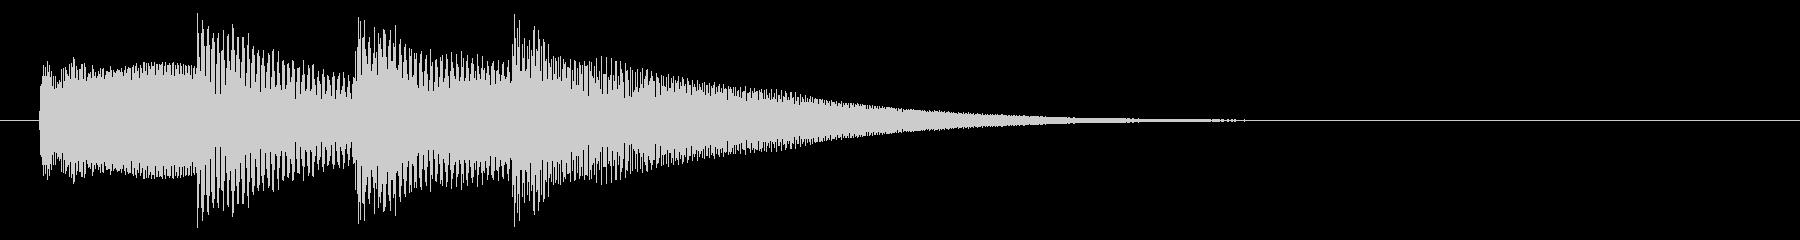 お知らせ/ピンポンパンポン/アナウンスの未再生の波形